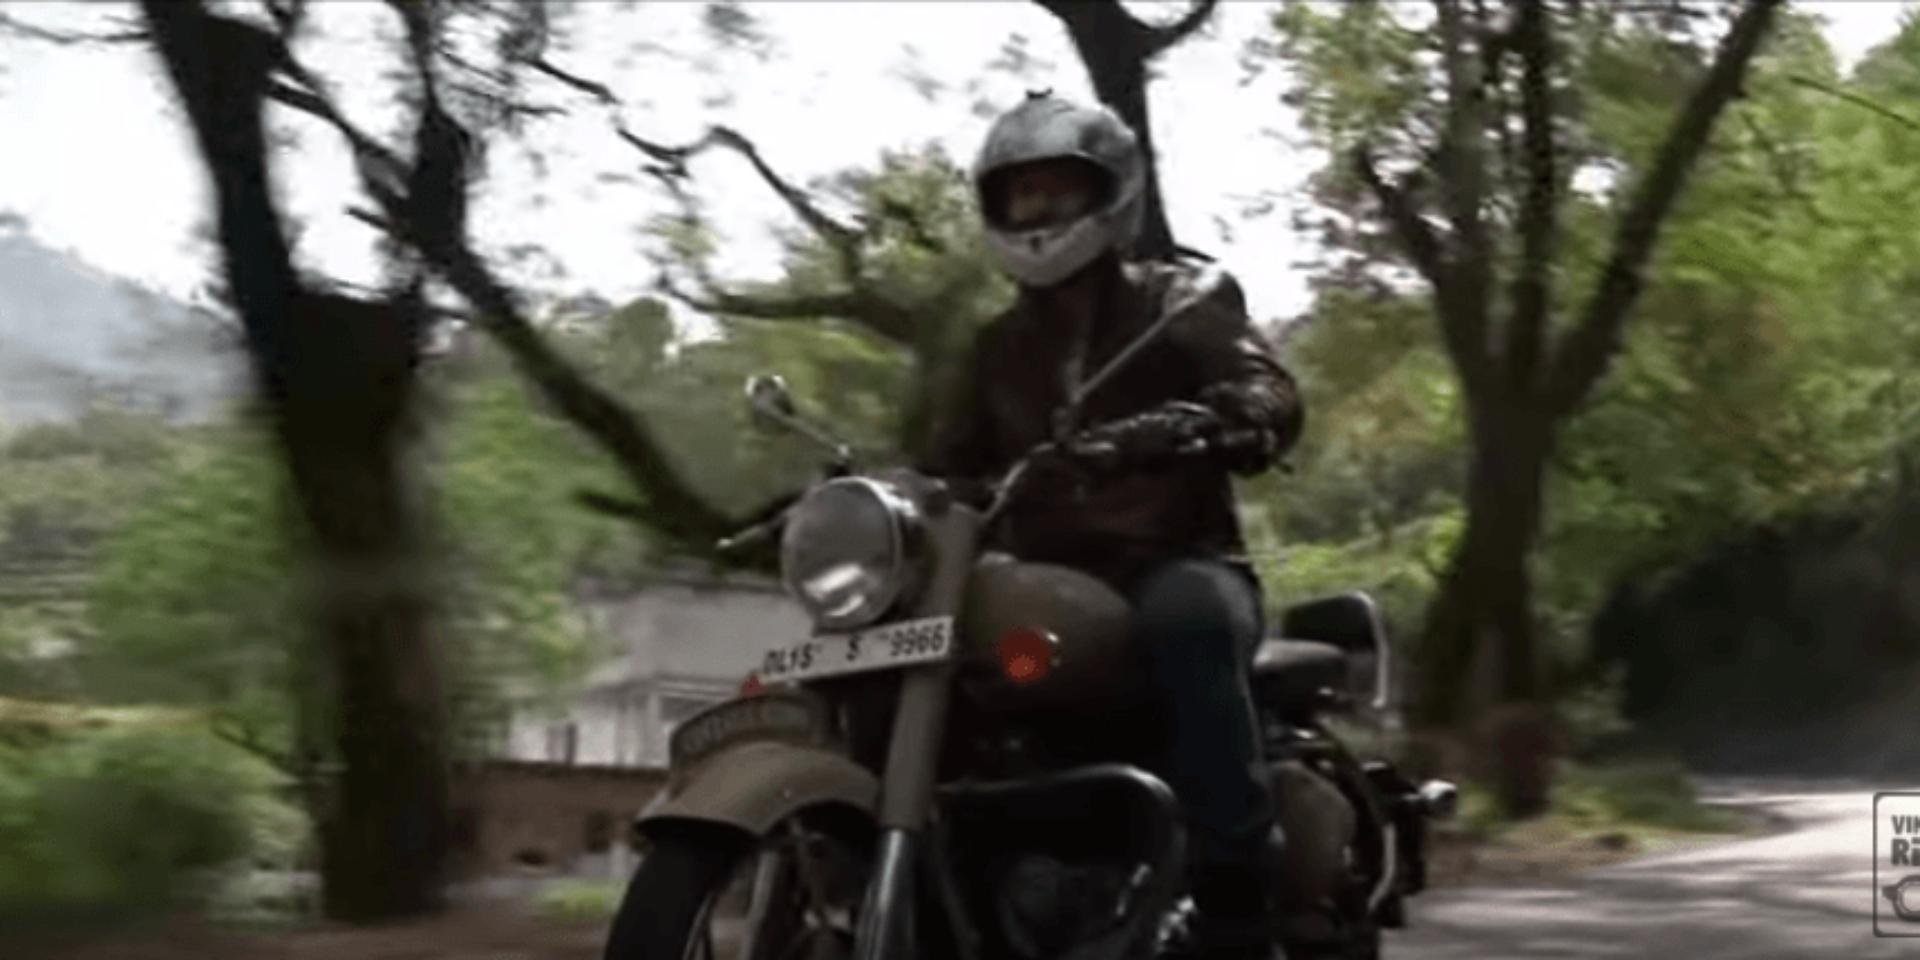 voyage-moto-inde-himalaya-film-debanne